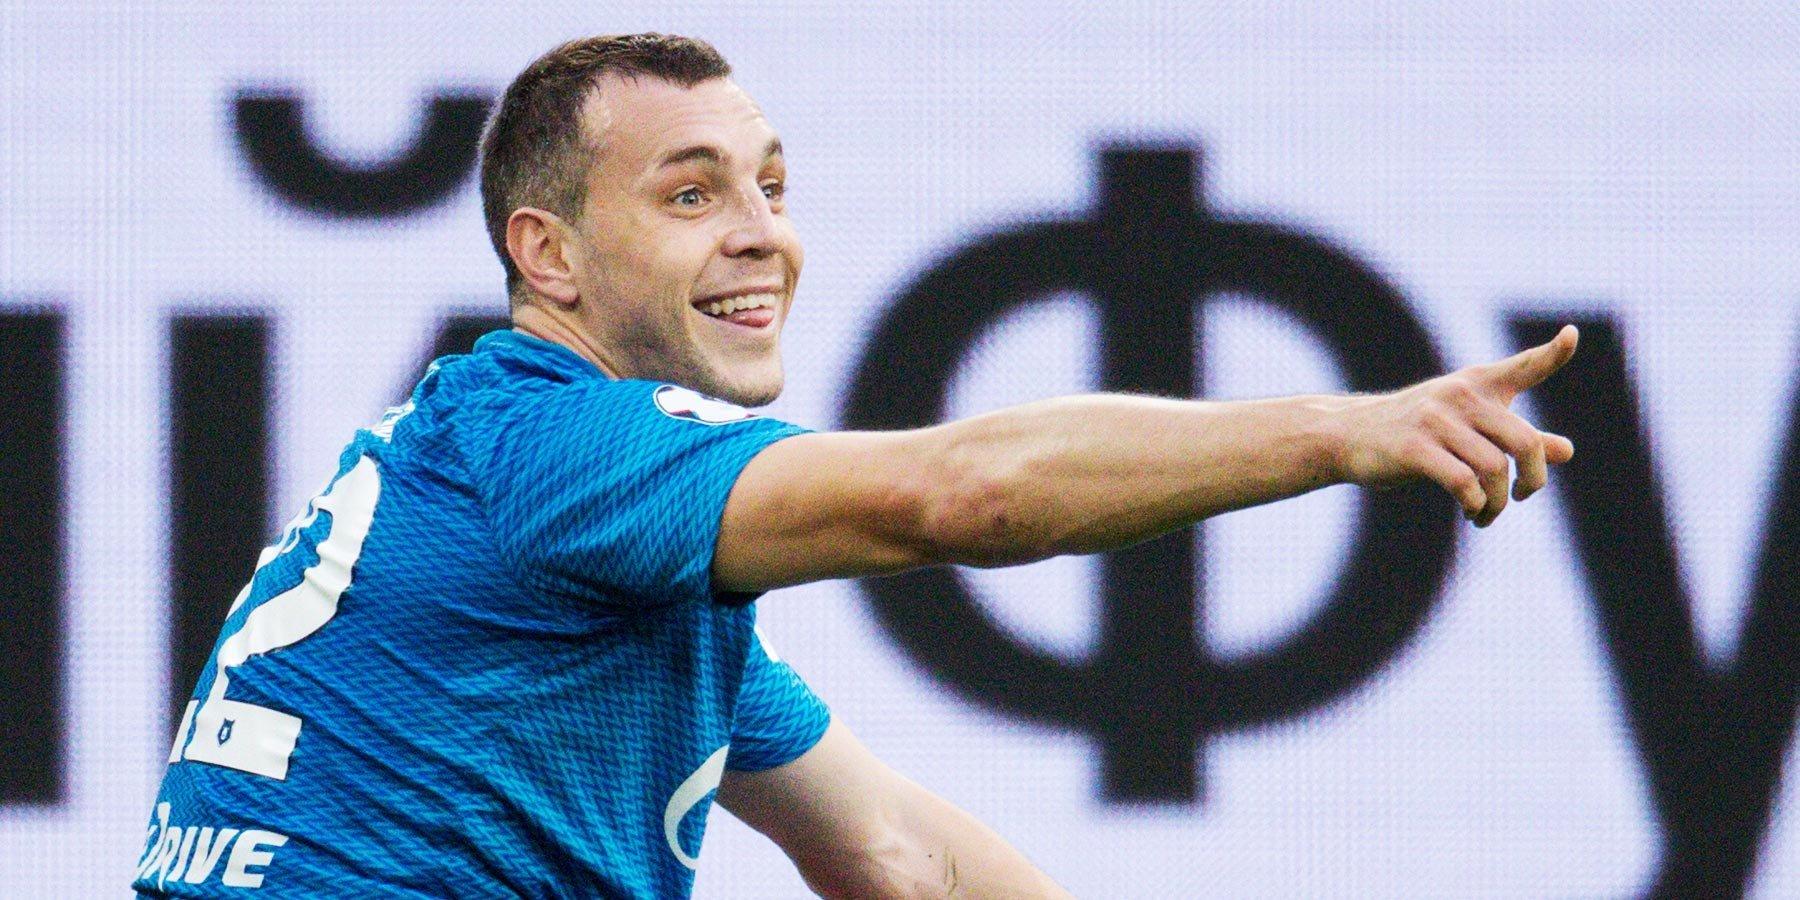 9716a6b692bf8 Владислав Радимов: «Я не понял, зачем Дзюба вынес в прессу вещи, которые  должны оставаться внутри команды»